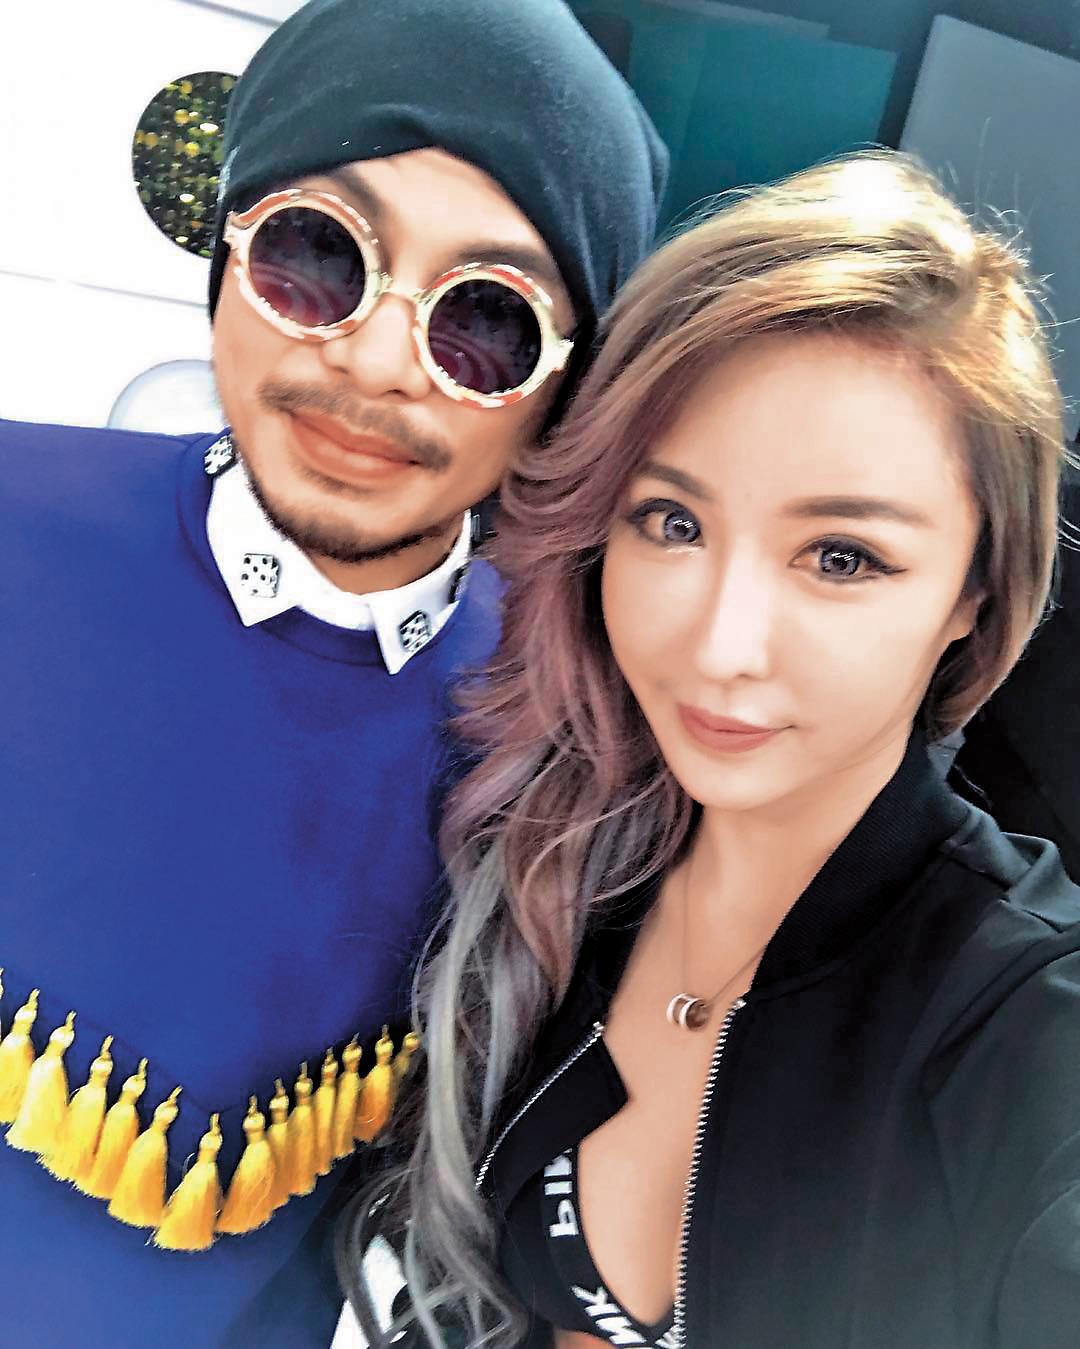 大馬歌手黃明志(左)看中雪碧(右),找她來當自己的MV女主角,雪碧也豪邁在他的作品中全裸演出。(翻攝自雪碧IG)